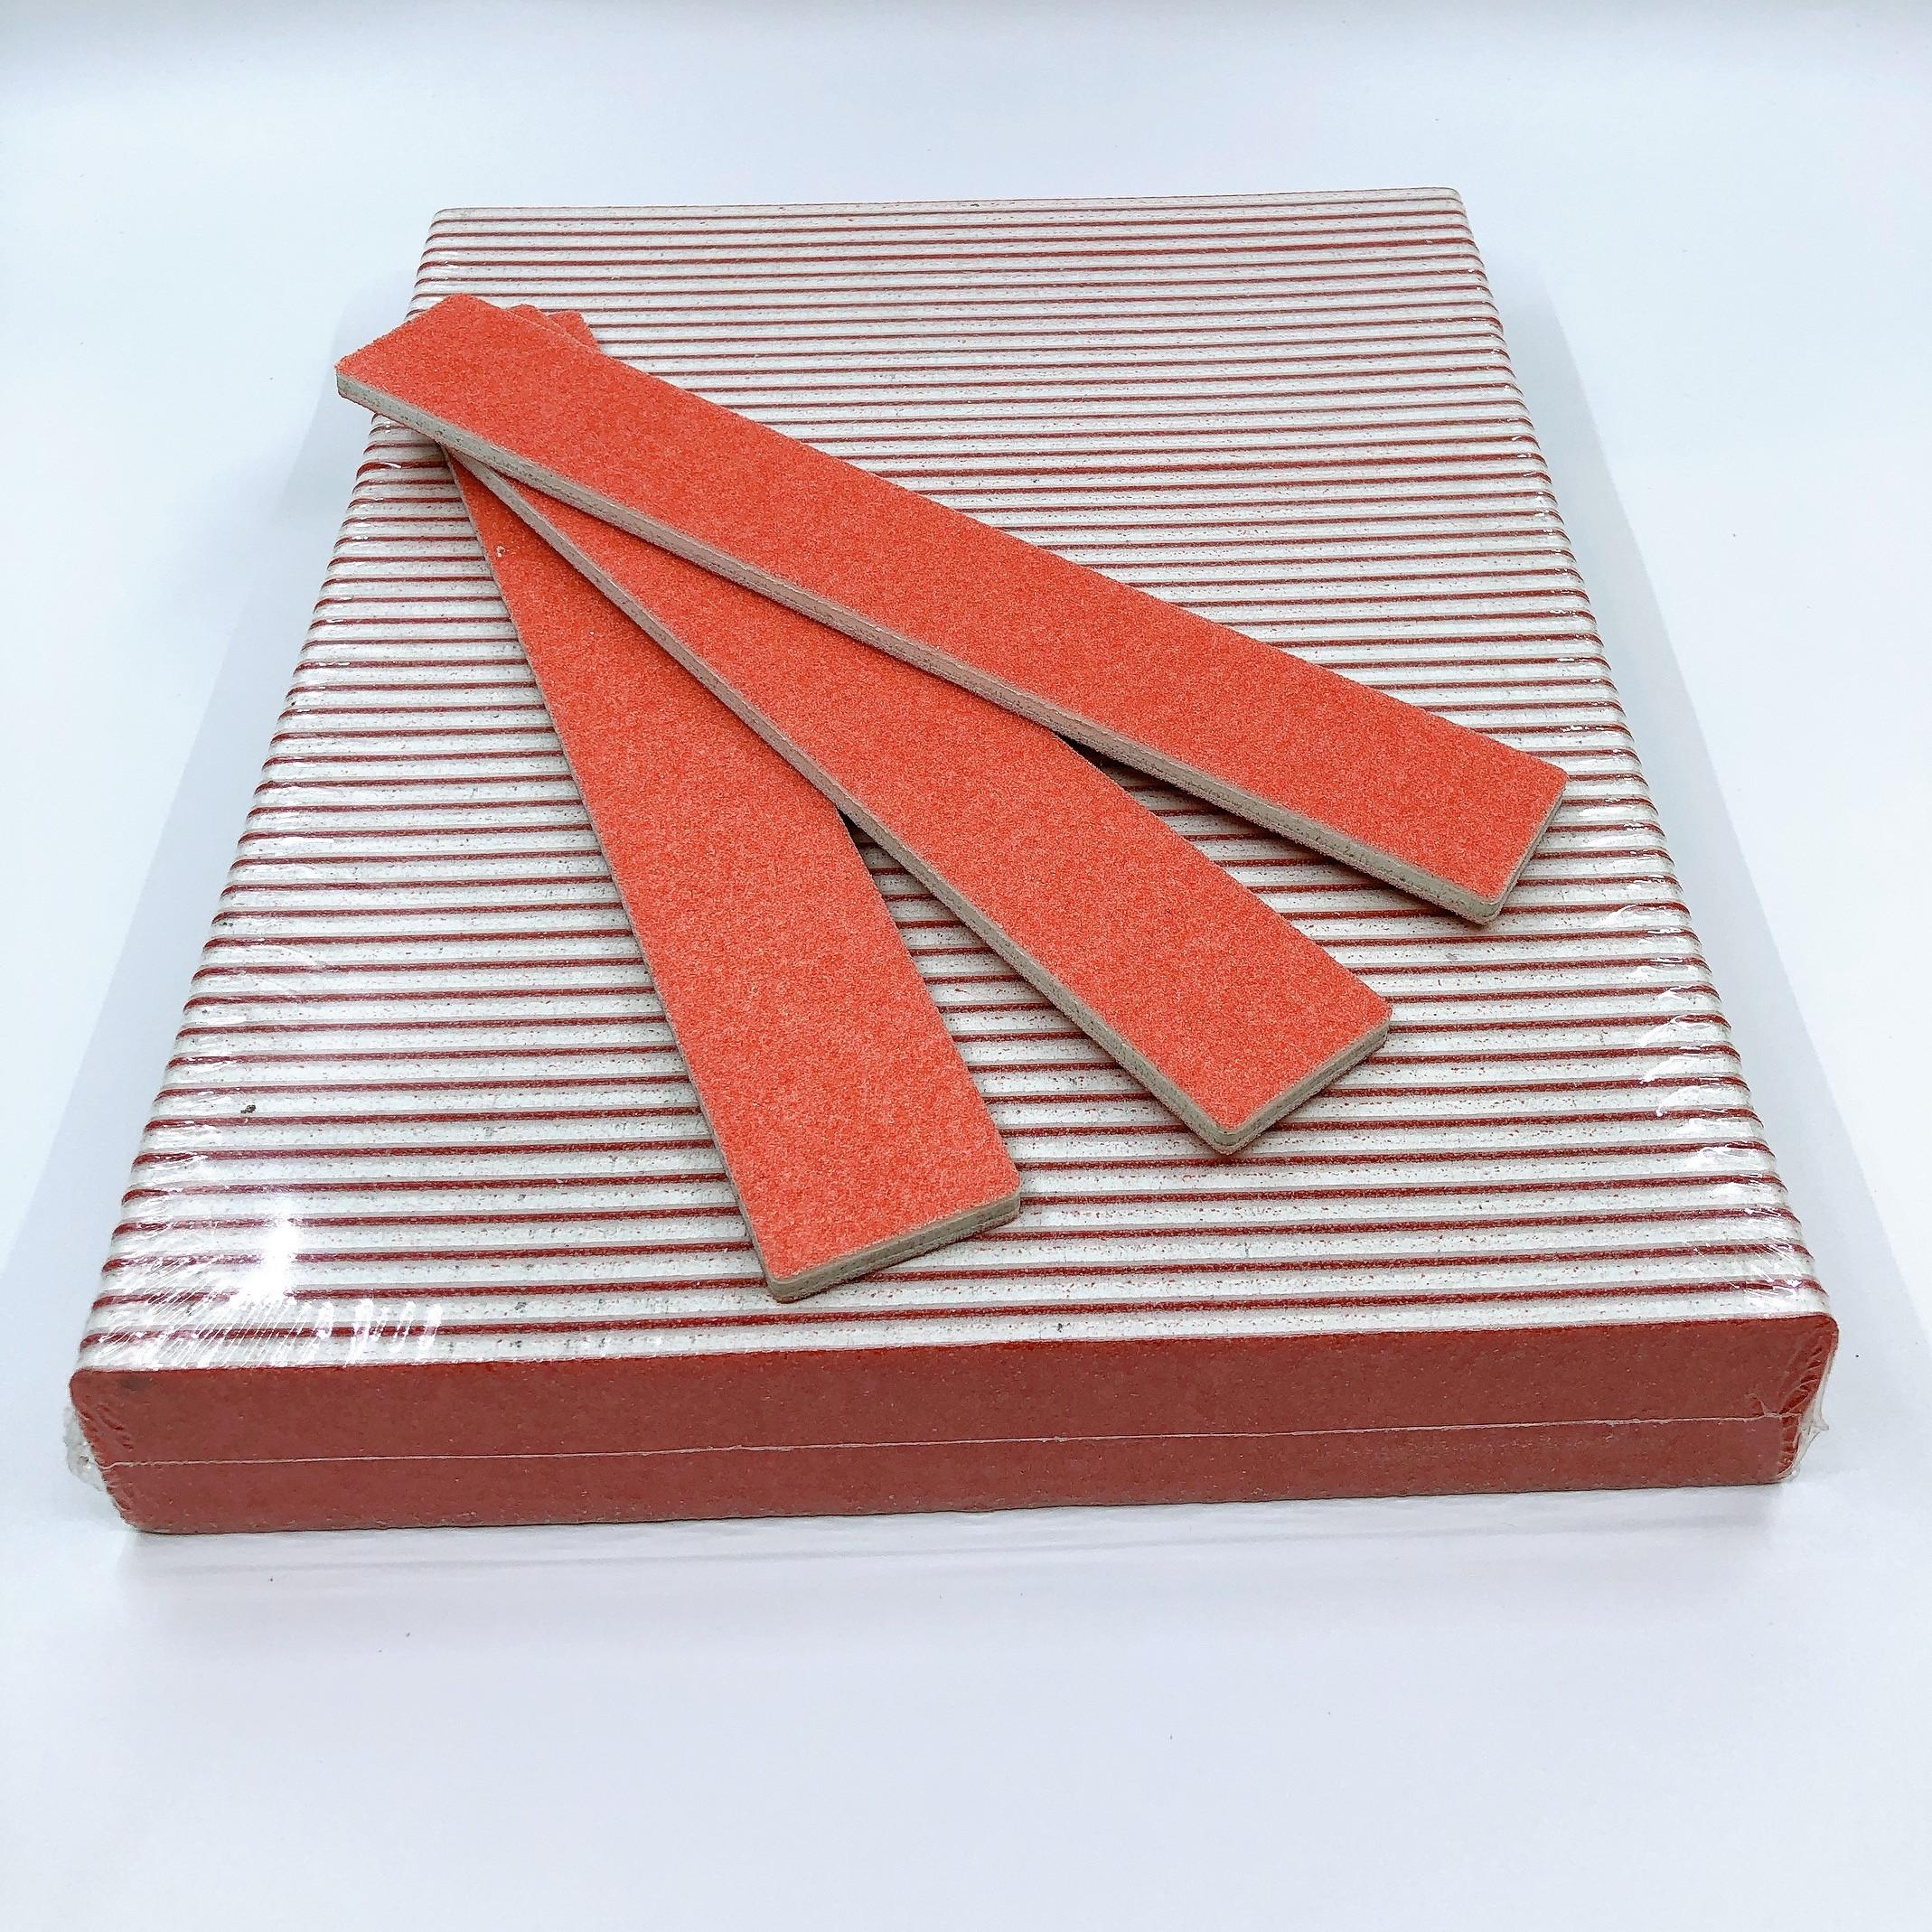 Set 50 cây dũa móng tay, dũa móng bột cao cấp Salon Pro - Độ nhám 80/80